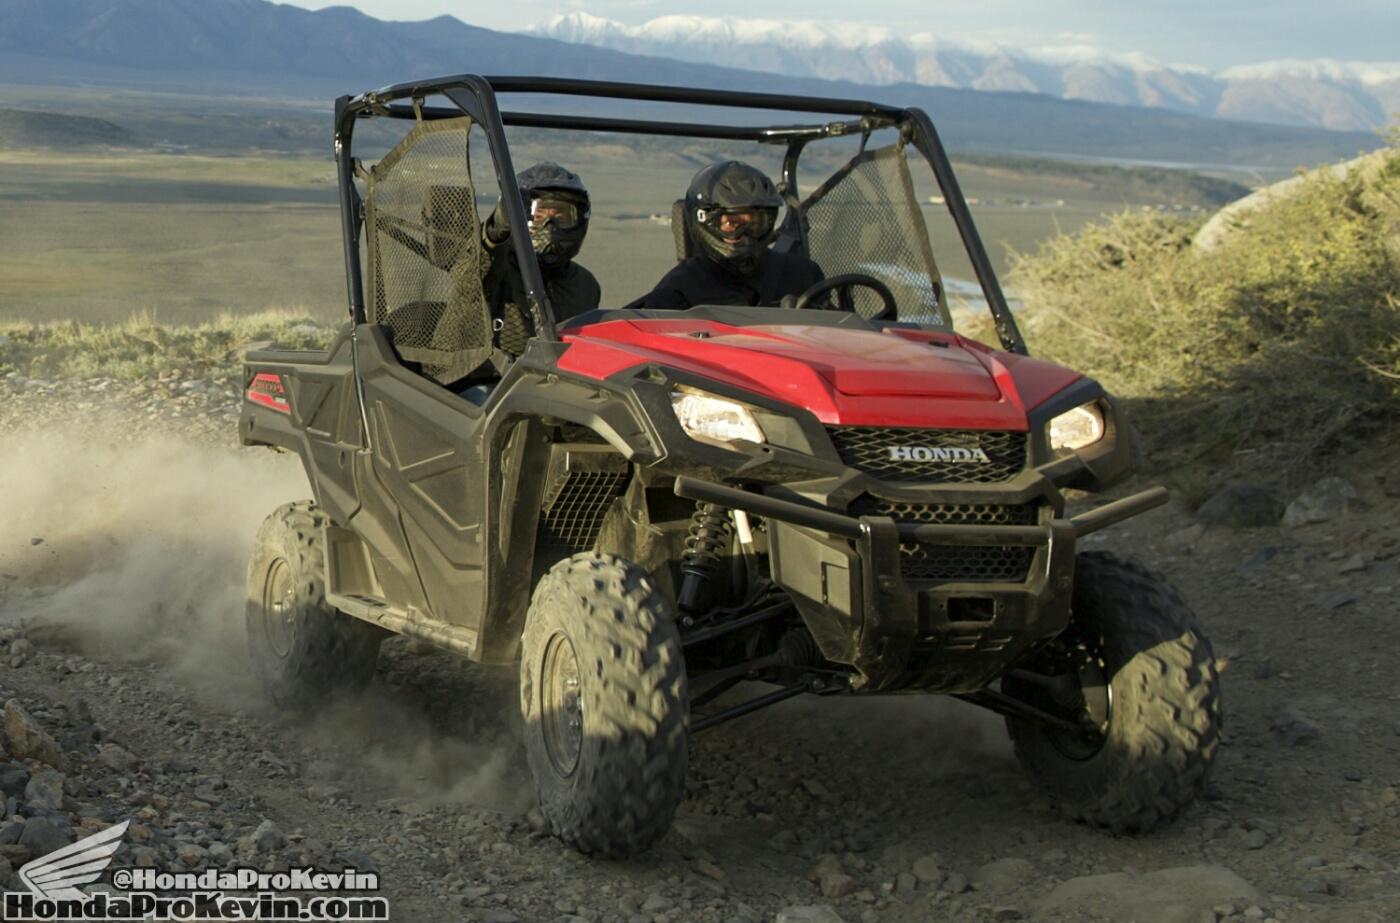 2016 Honda Pioneer 1000 SxS / UTV / Side by Side ATV - SXS1000M3